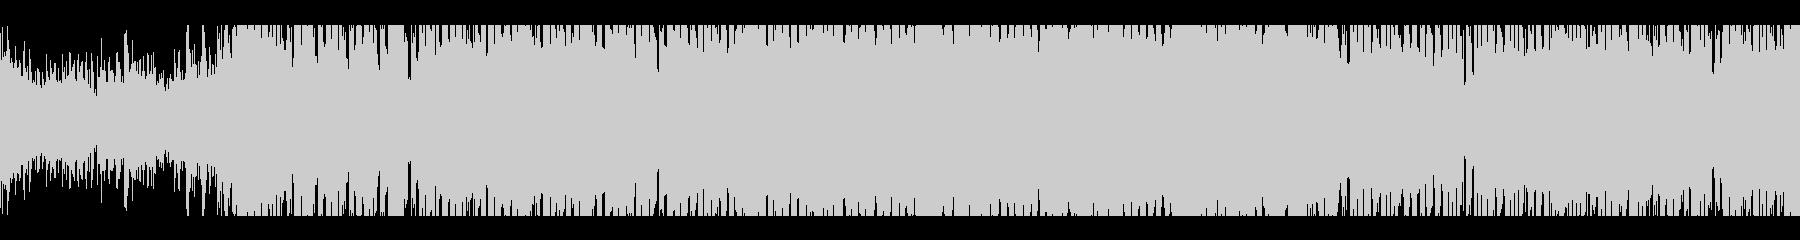 ピアノとブラスが響くハウスサウンドの未再生の波形